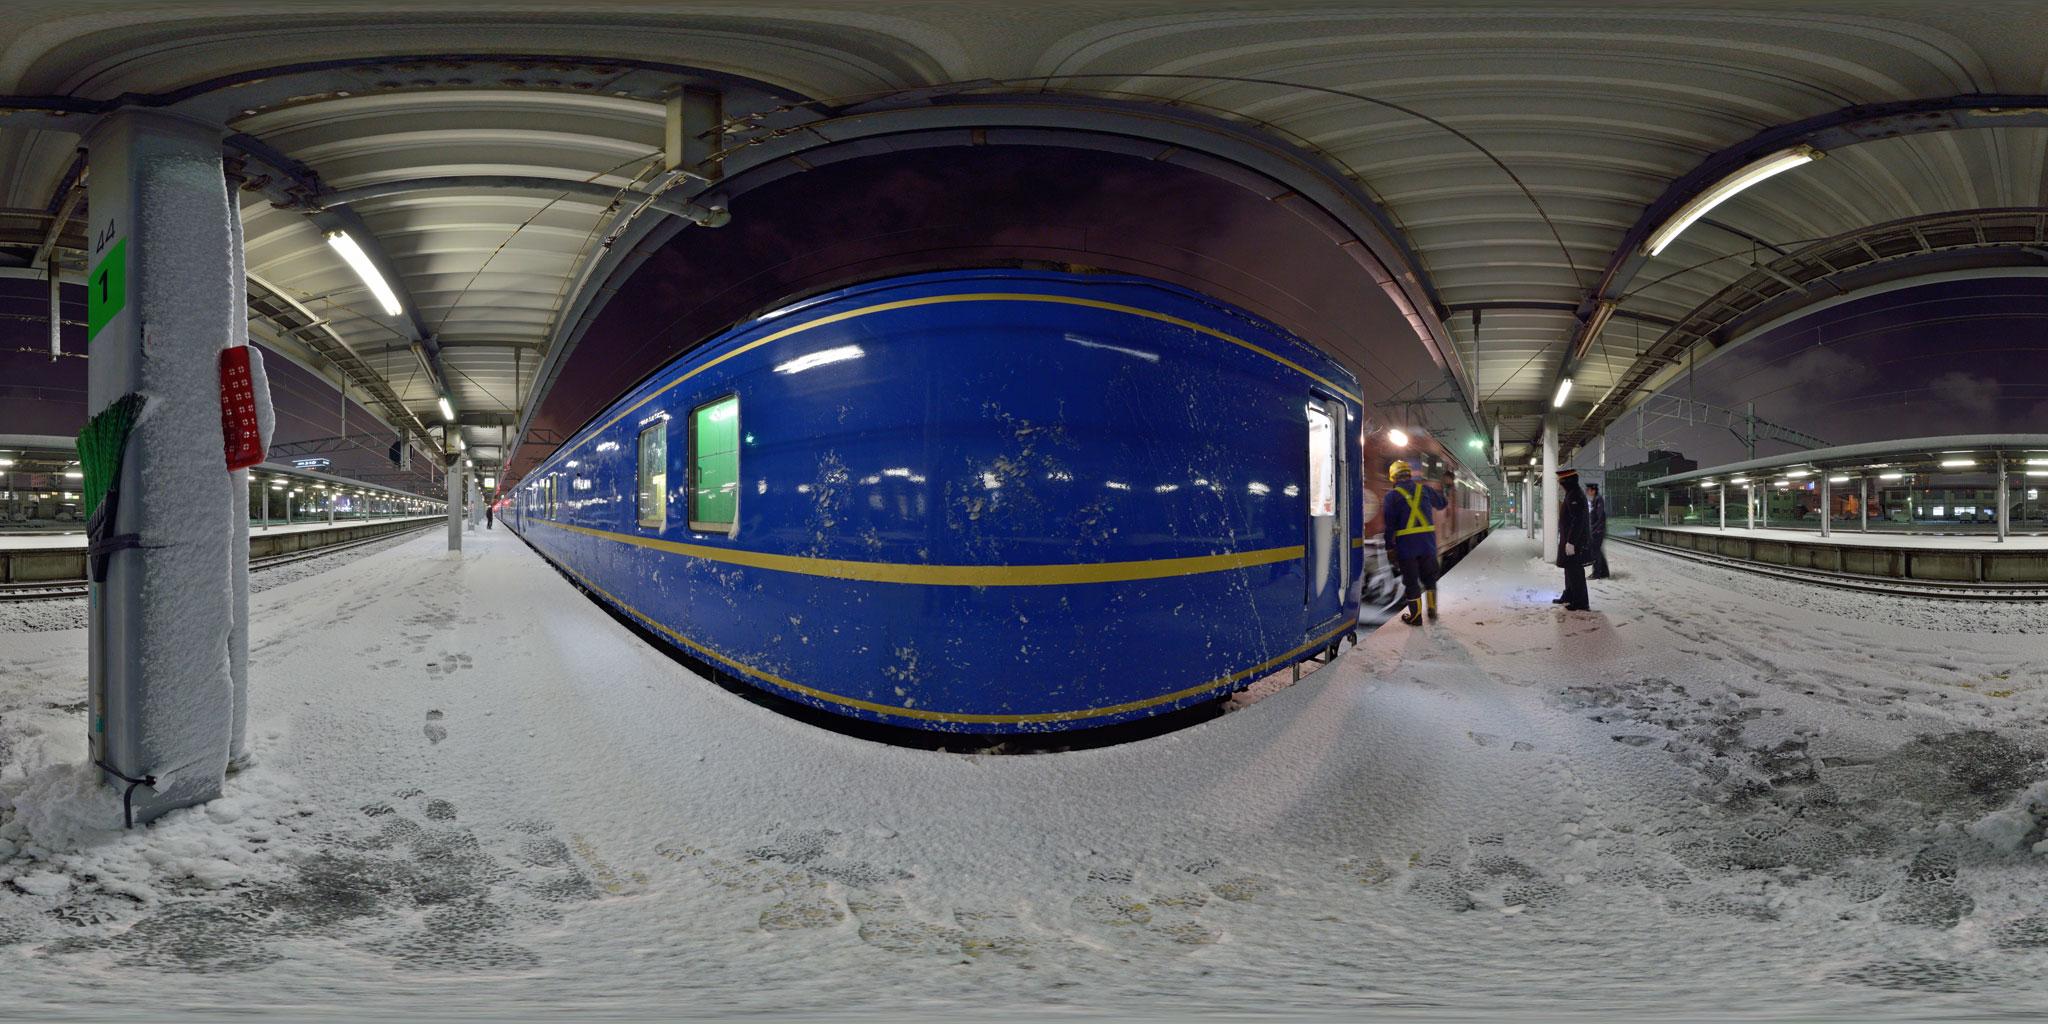 吹雪の函館駅でED79に交換する